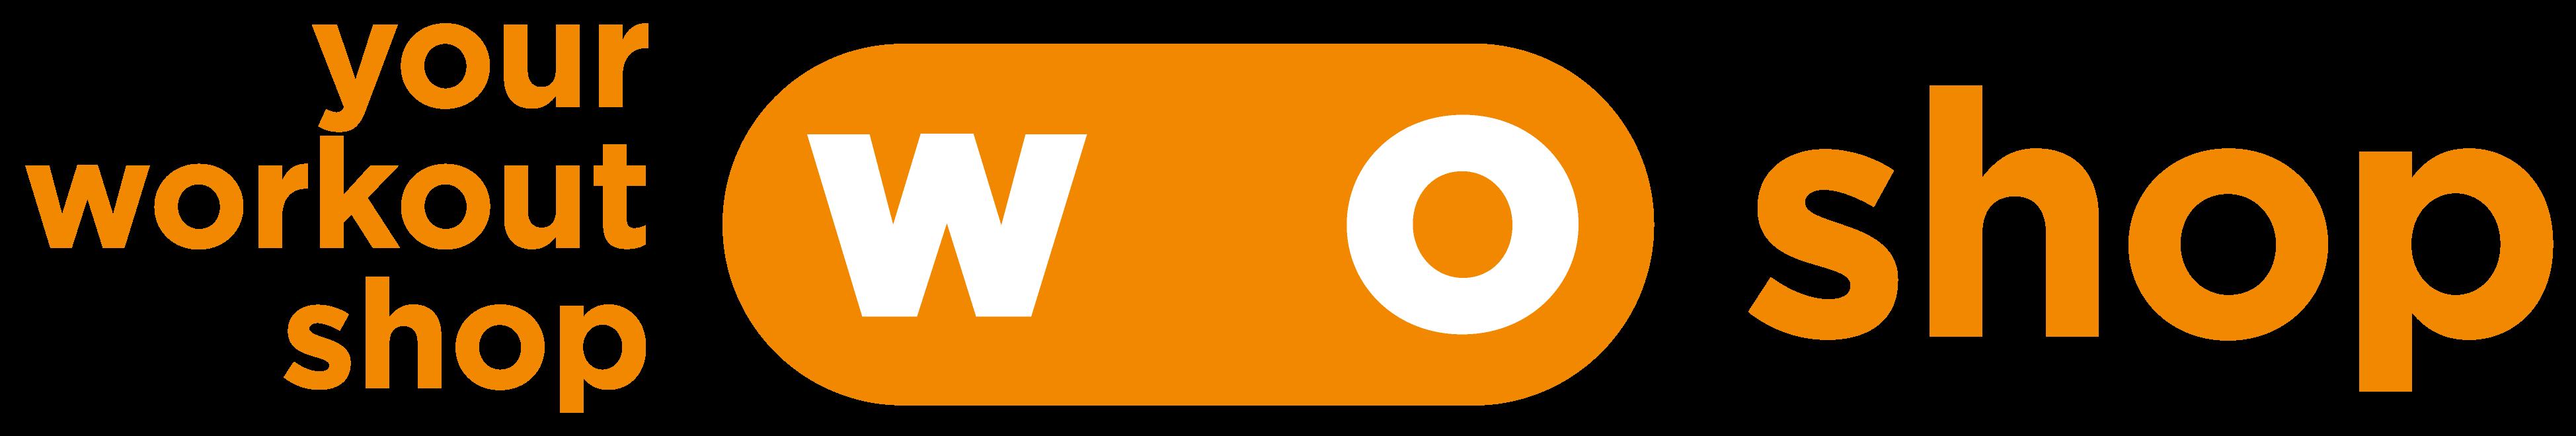 WOshop